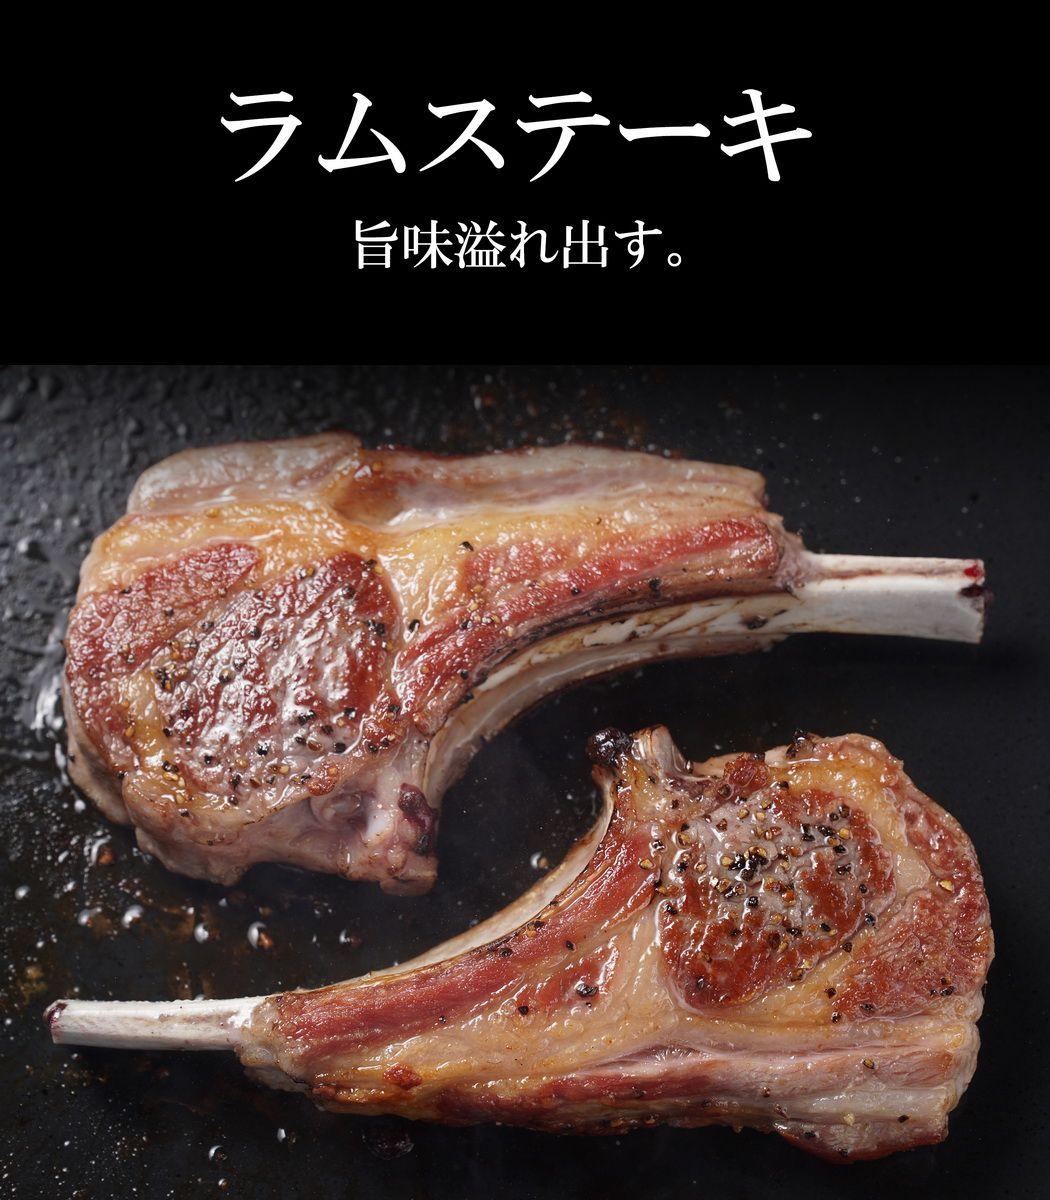 羊肉専門の通販サイト なみかた羊肉店 義経焼 生ラム 羊内臓 わんにゃんあつまれ 羊肉 食べ物のアイデア 生食